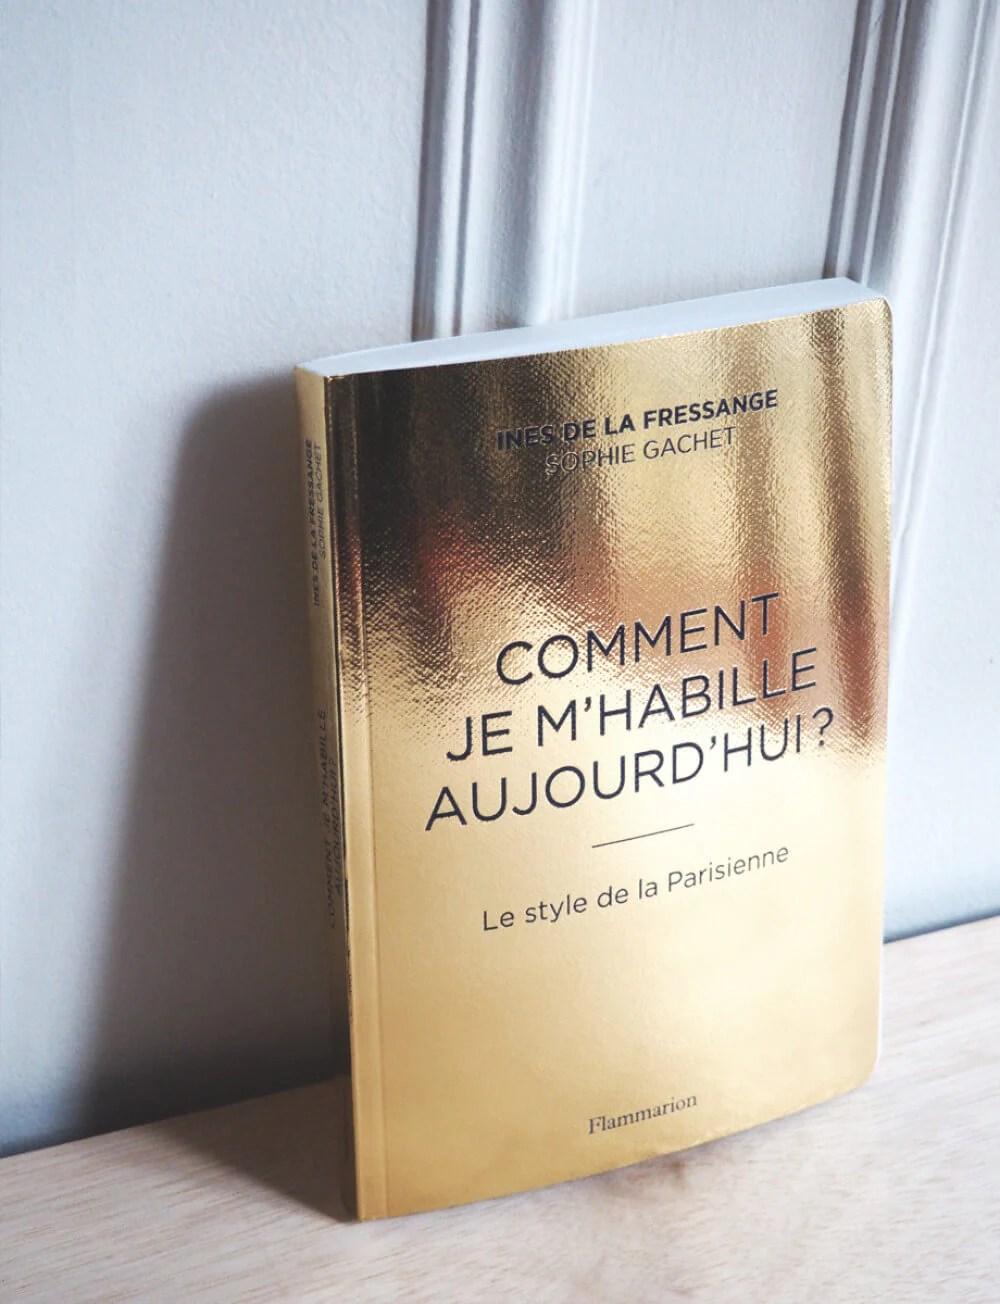 Comment Je M'habille Aujourd'hui ? Le Style De La Parisienne : comment, m'habille, aujourd'hui, style, parisienne, Comment, M'habille, Aujourd'hui, Style, Parisienne, Fressange, Paris